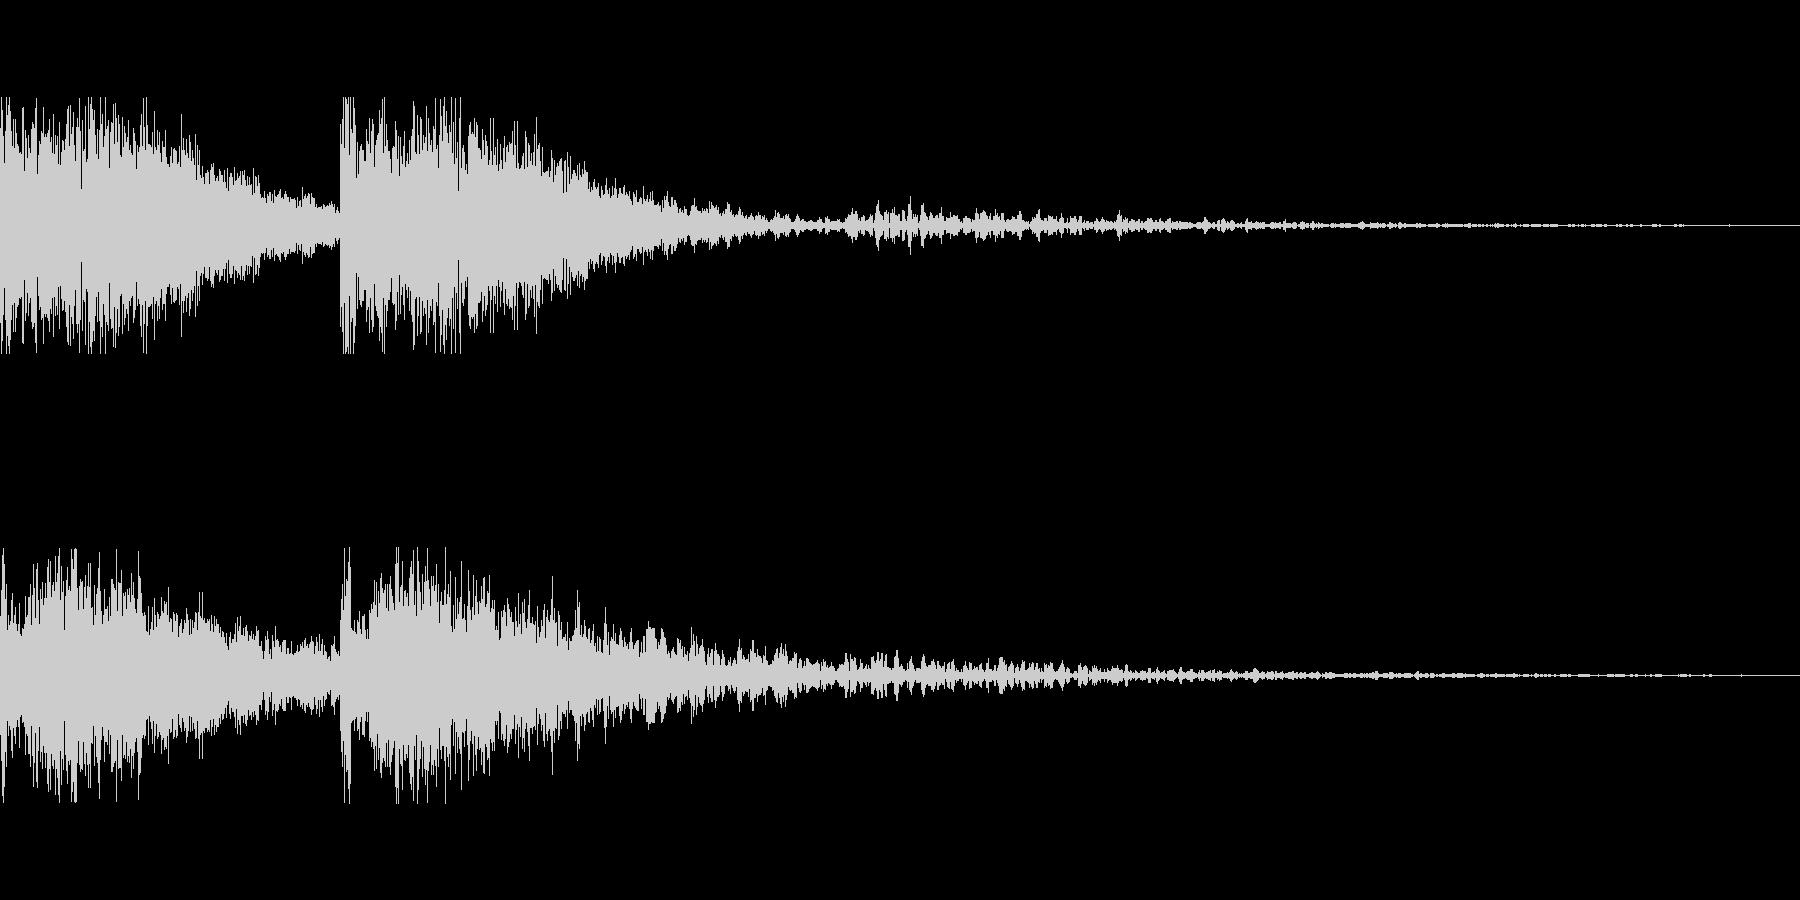 採掘をイメージした効果音の未再生の波形